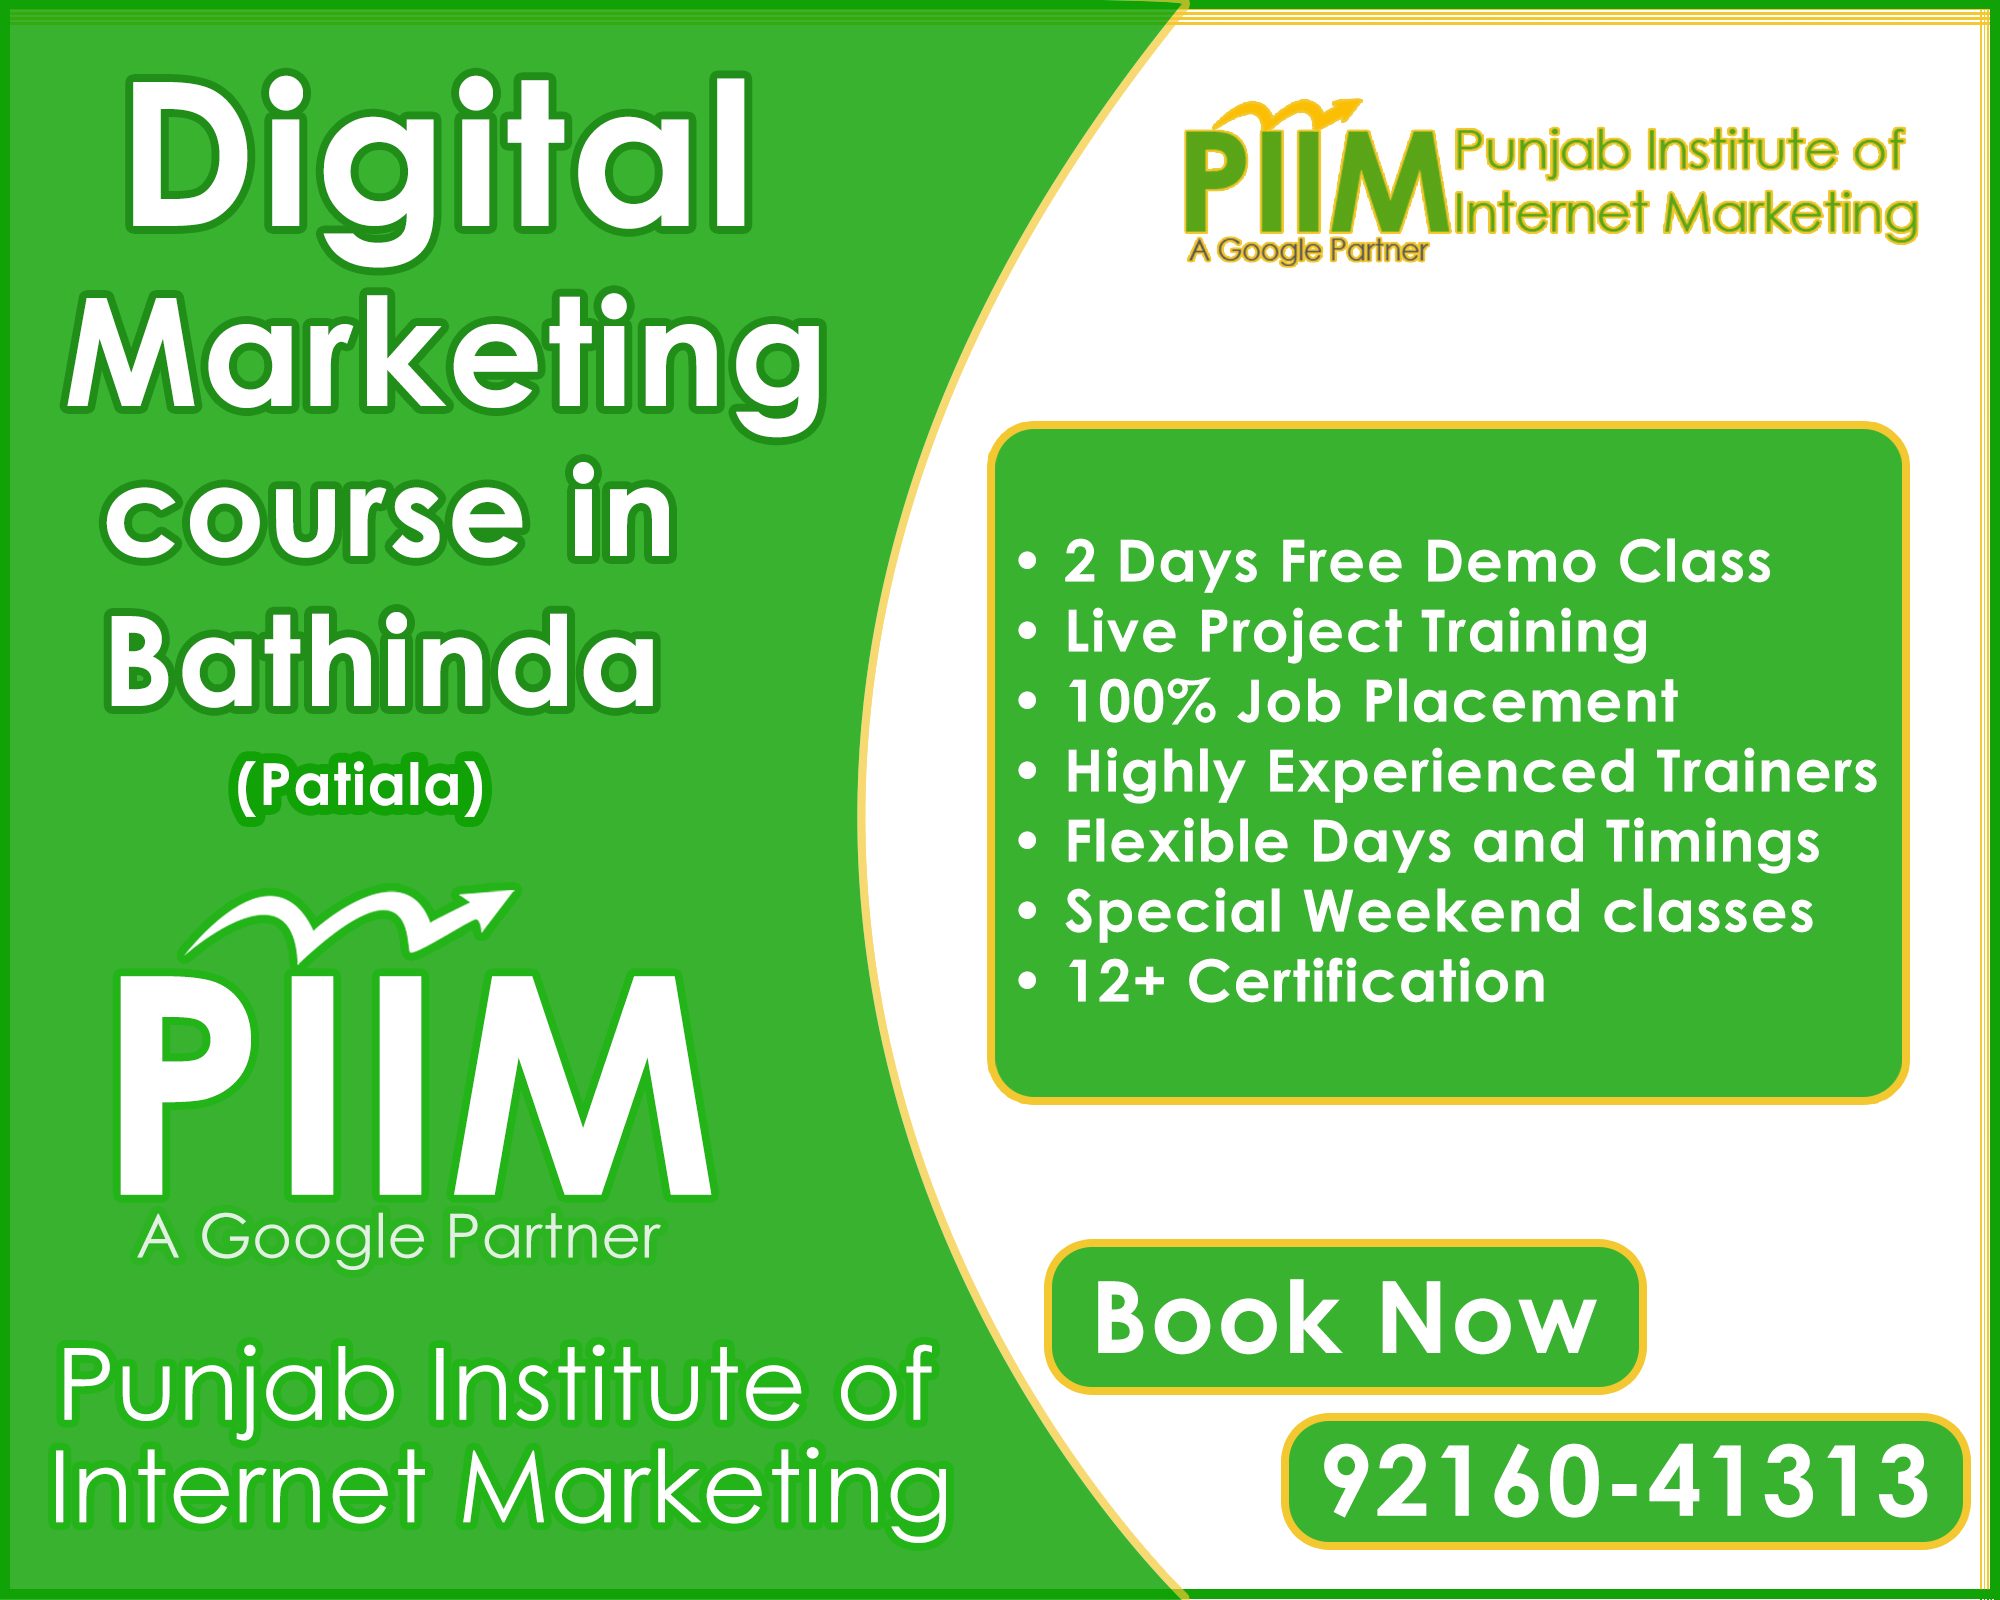 Digital Marketing Course in Bathinda